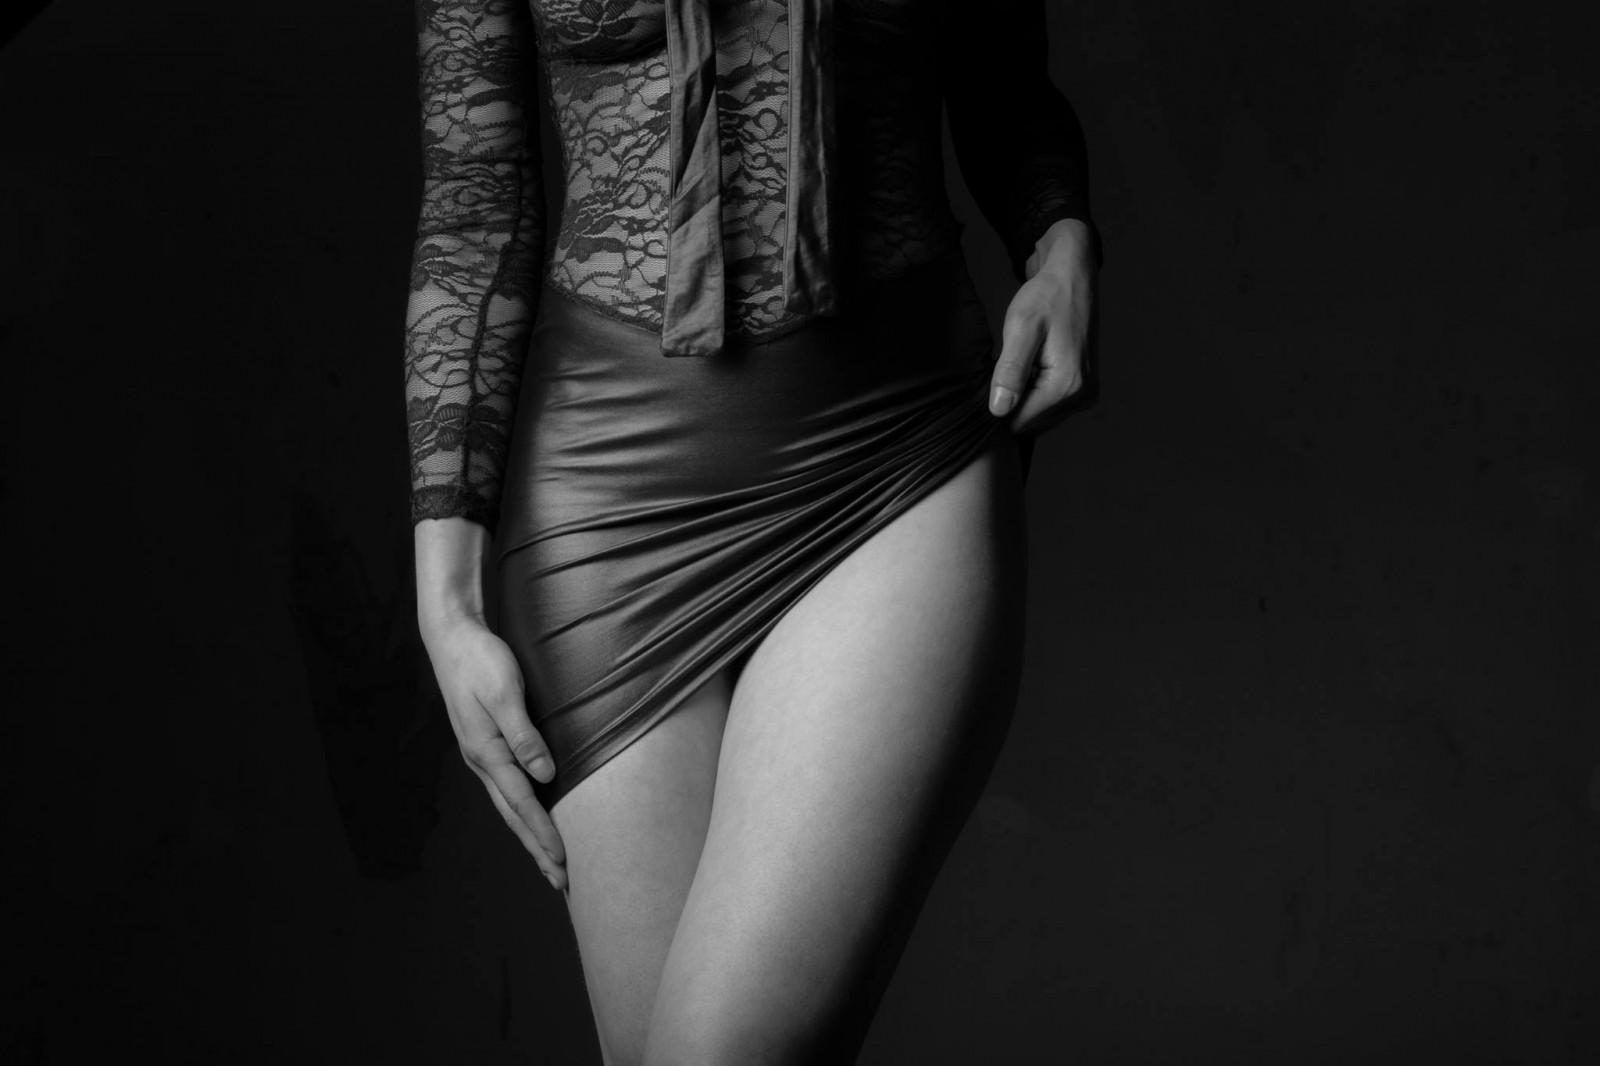 Черно белая фотография женских прелестей лены тетка